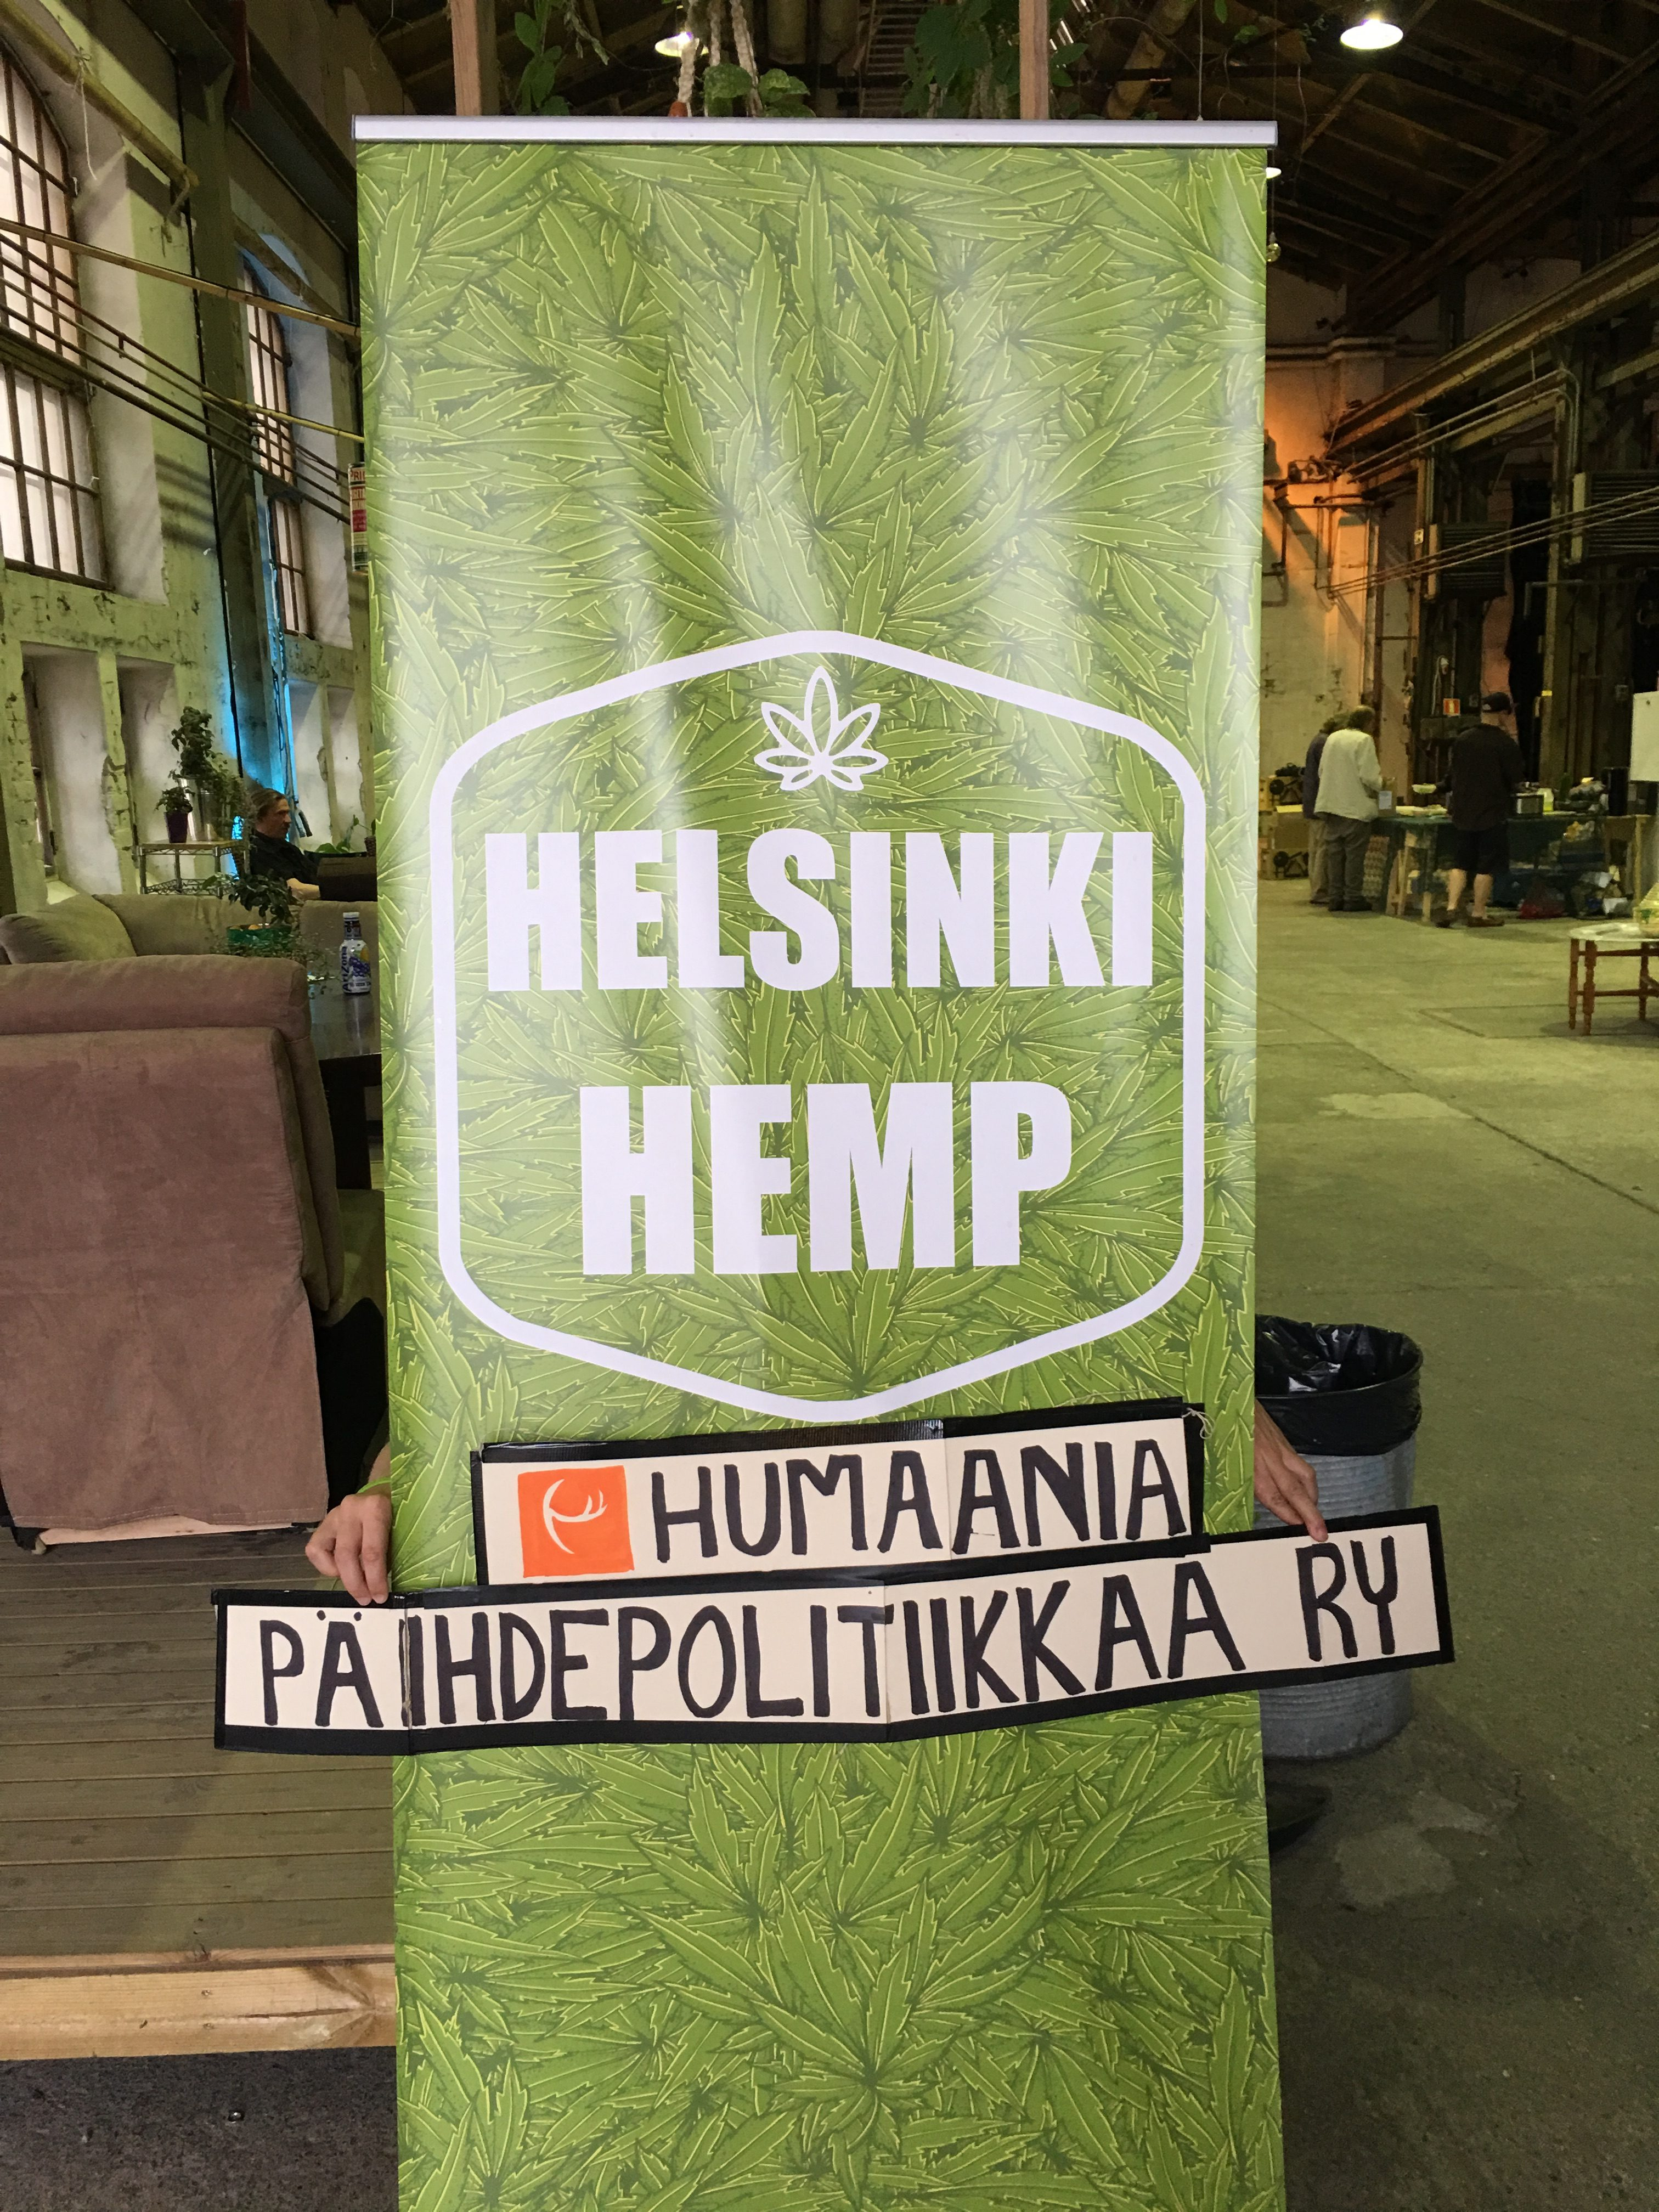 Helsinki Herb & Hemp oli keskittynyt hamppua koskeviin teemoihin, mutta Humaania päihdepolitiikkaa ry:n tiskillä keskustelua käytiin myös laajemmasta näkökulmasta.